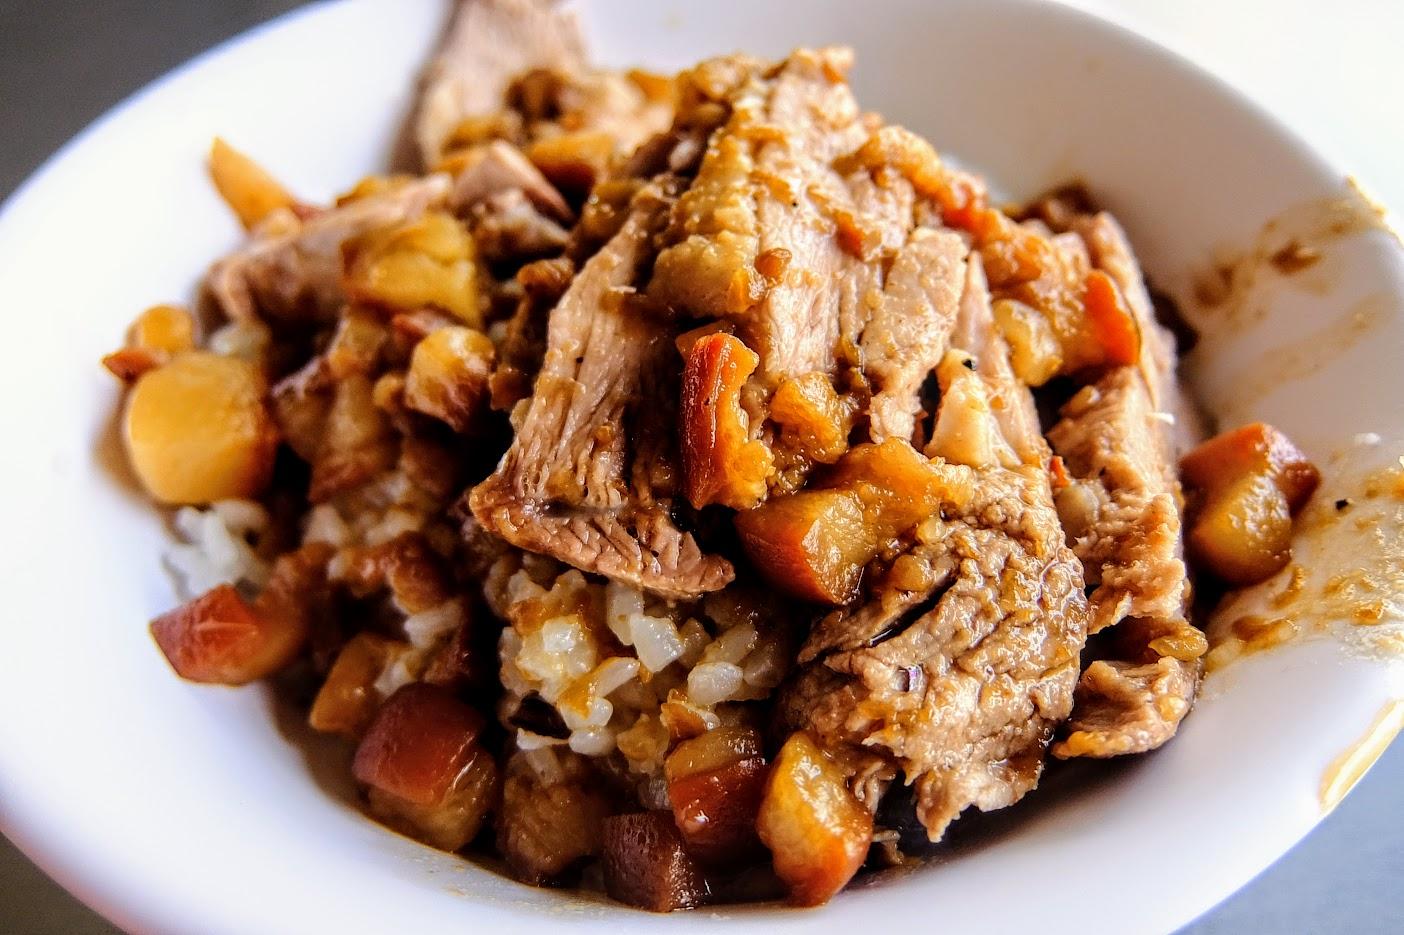 鴨肉飯,跟之前差不多,飯上頭放著無骨鴨肉片,淋上許多帶油花的肉燥